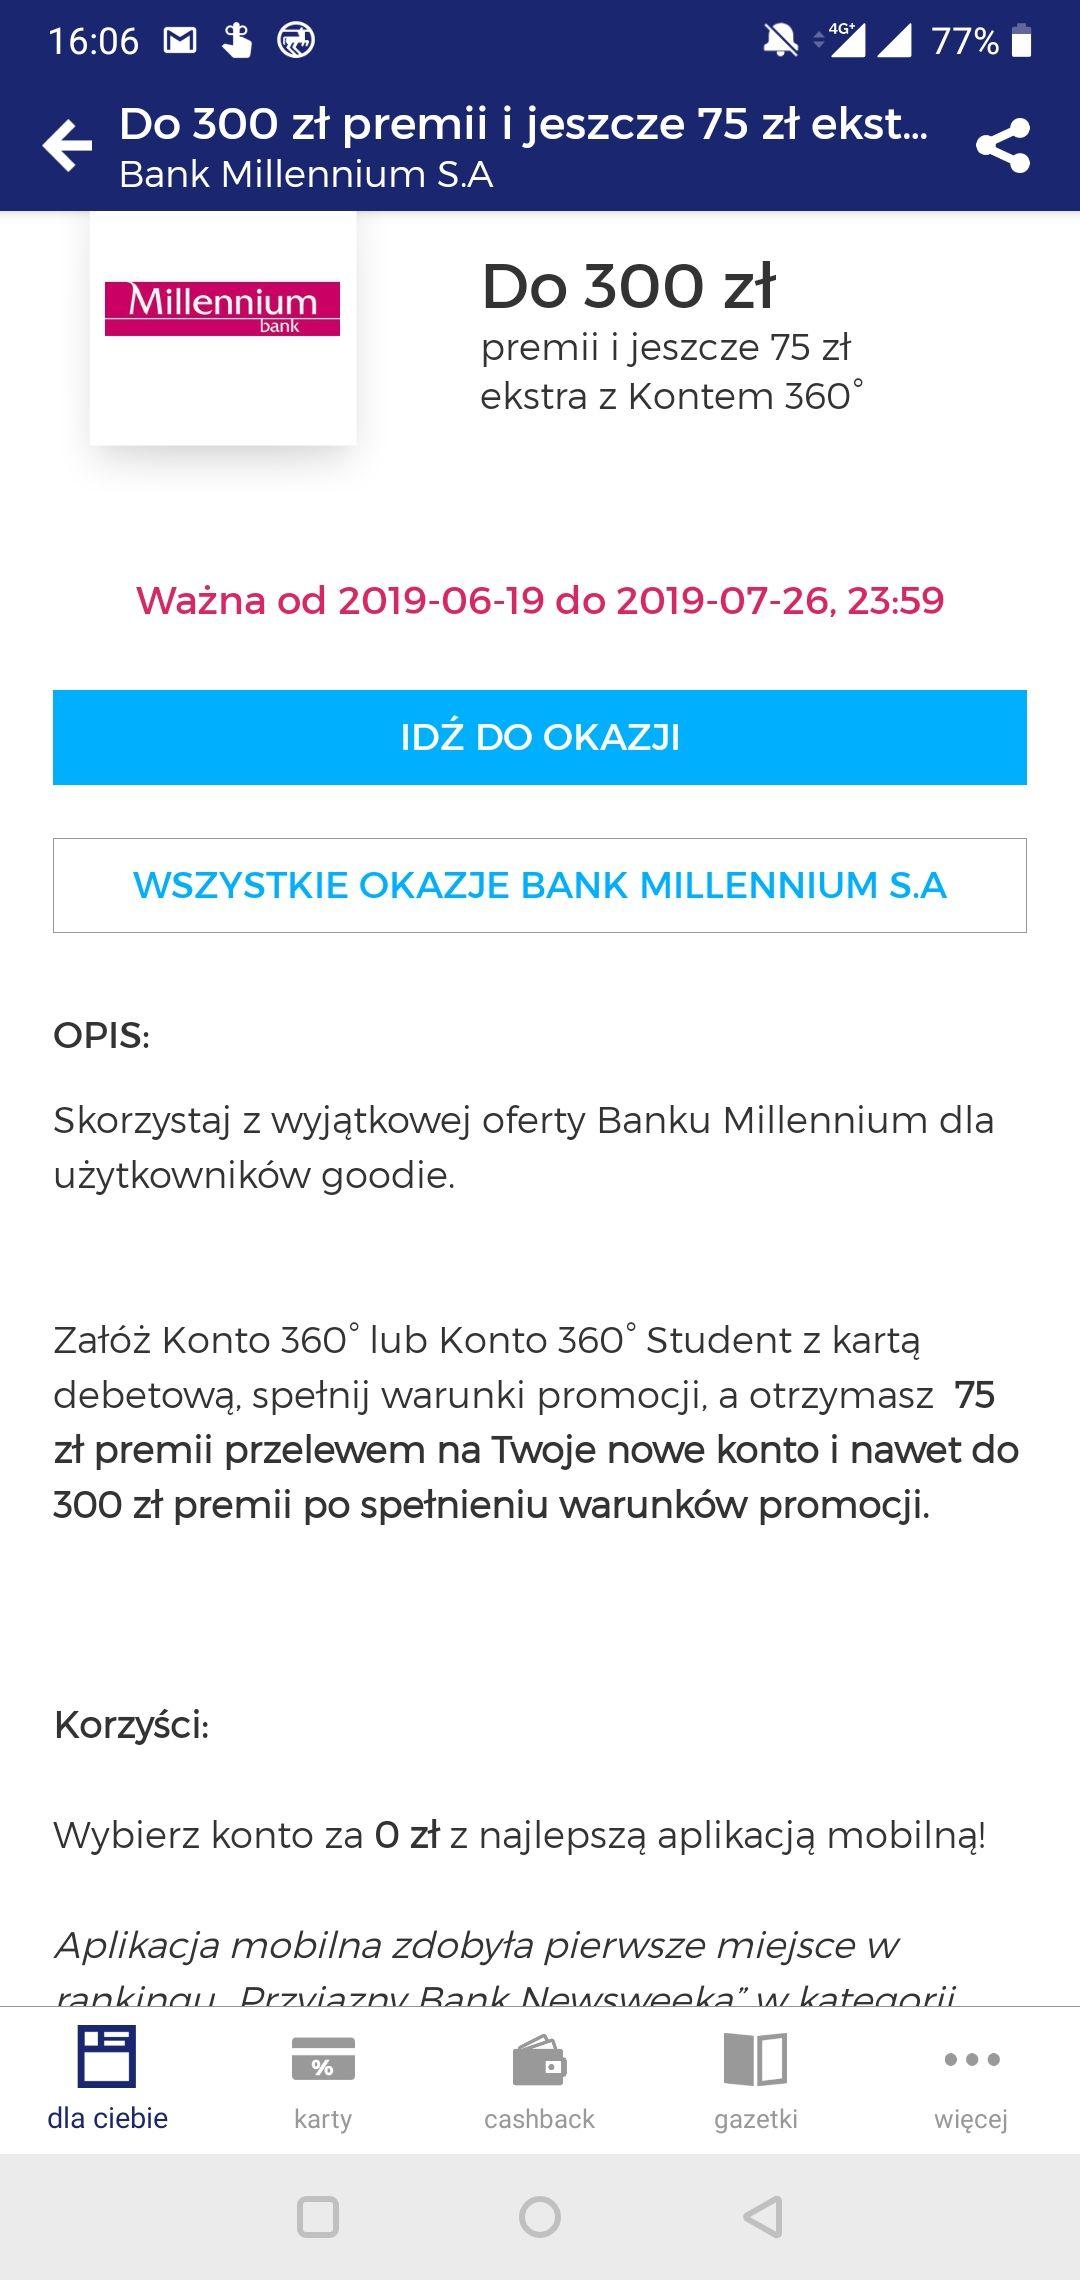 Do 375 zł za otwarcie konta w Banku Millennium